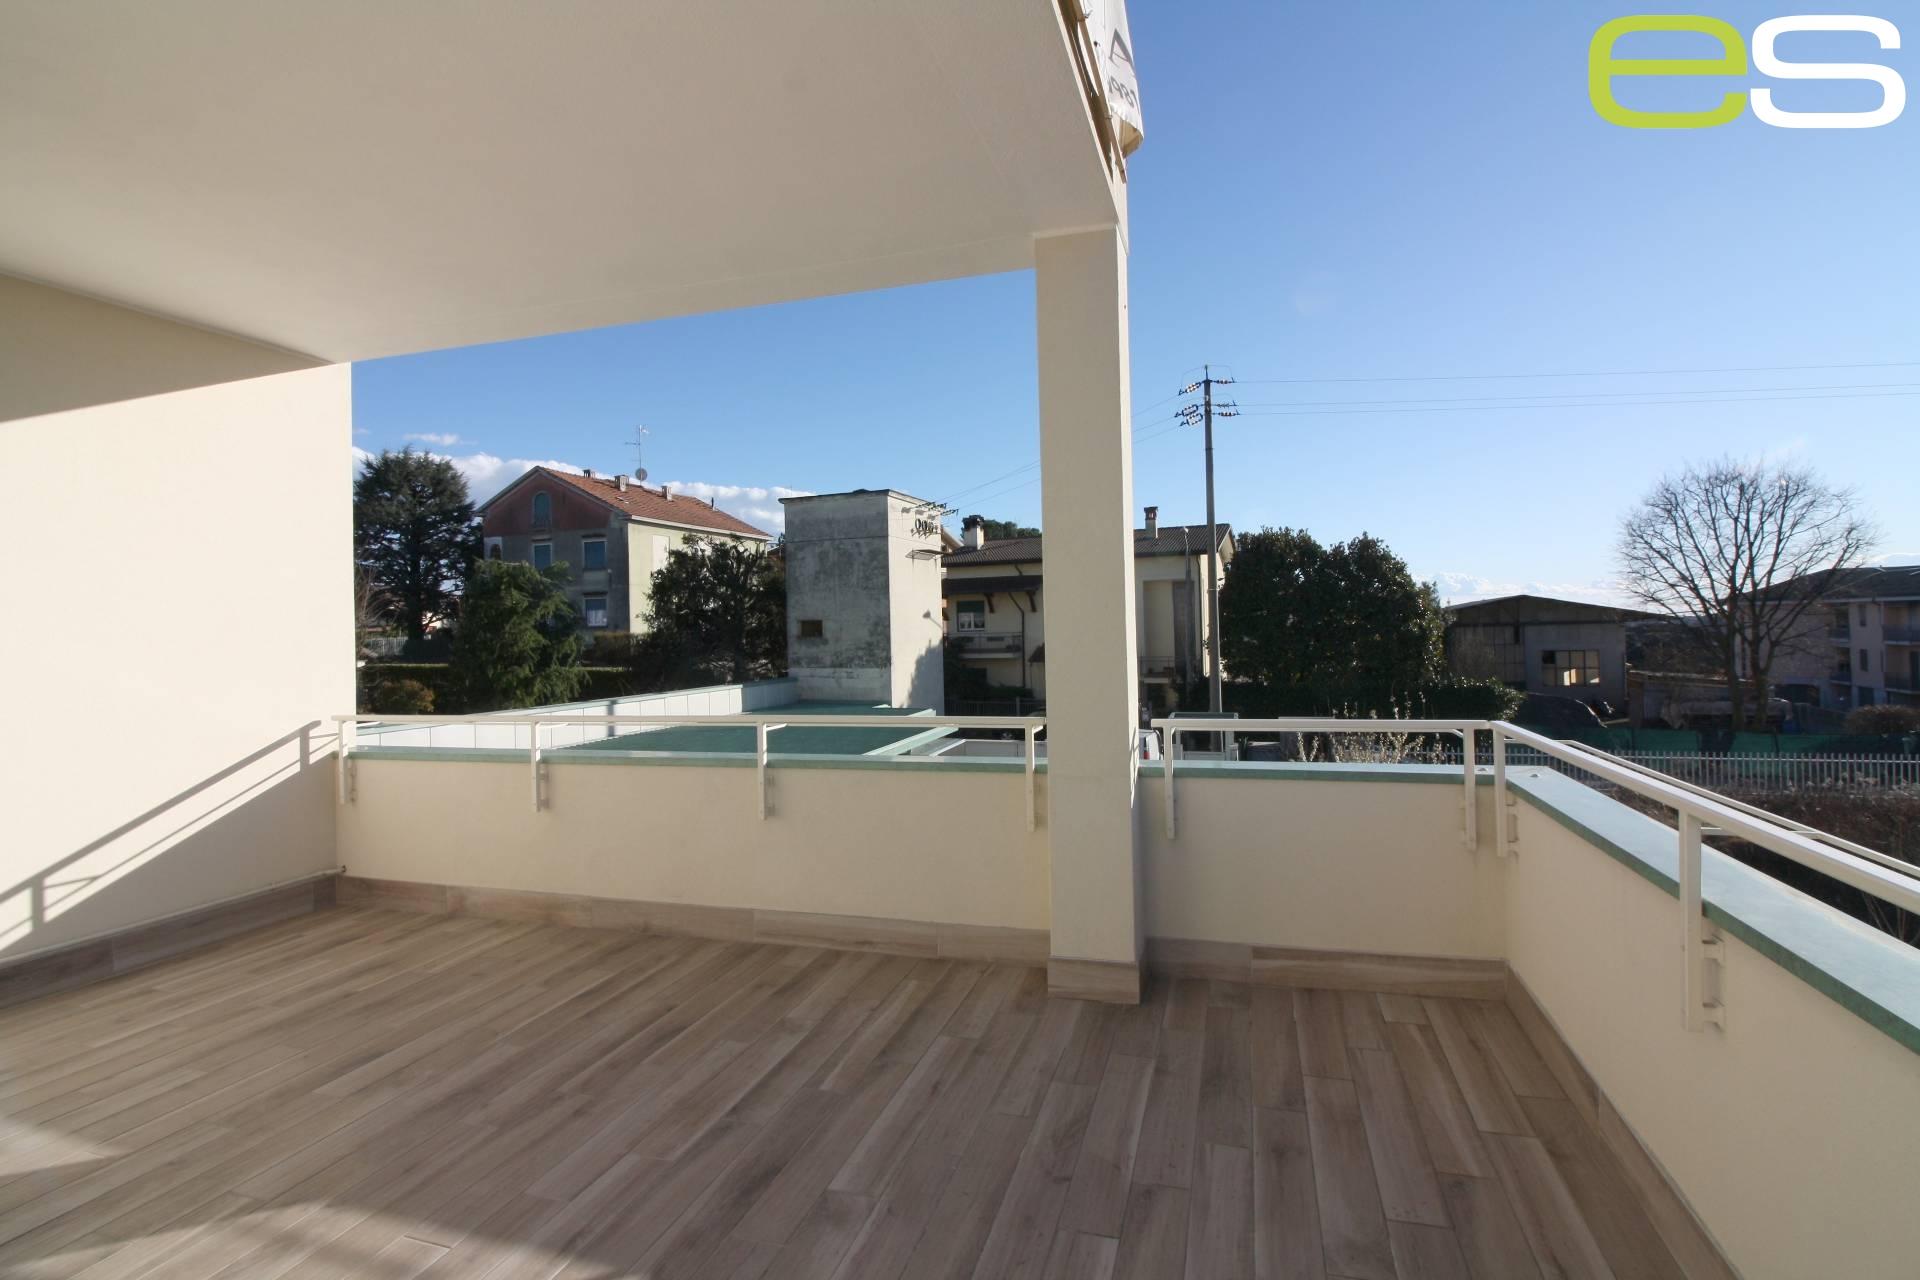 Appartamento in vendita a Briosco, 1 locali, prezzo € 212.000 | Cambio Casa.it